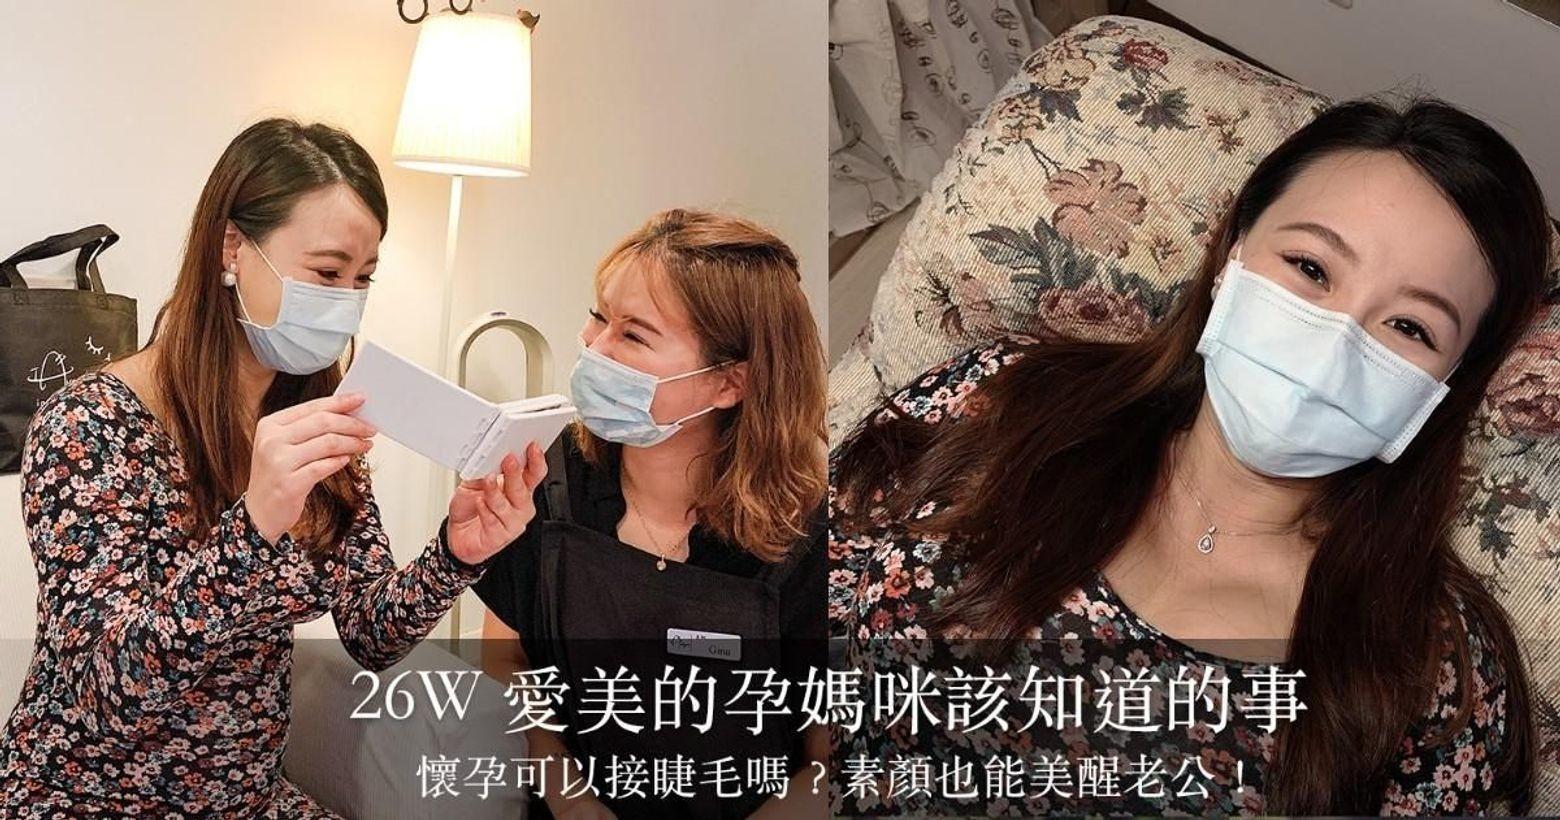 愛美的孕媽咪該知道的事|懷孕可以接睫毛嗎?素顏也能美醒老公!|台北市中山站 IA專業美睫設計